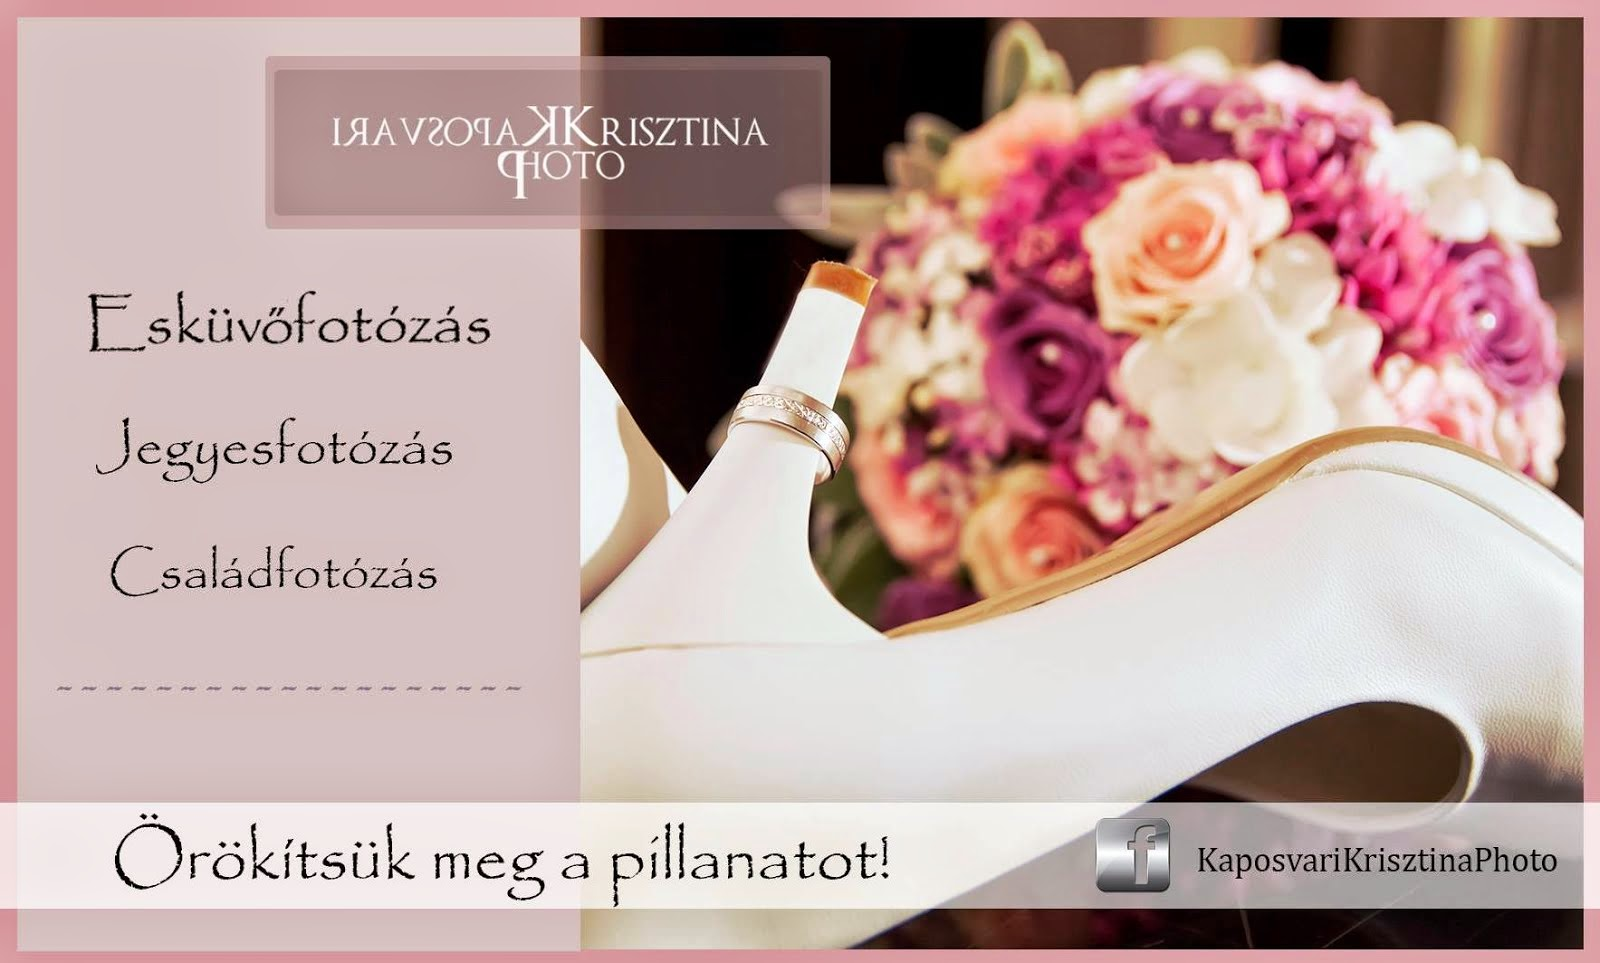 Kaposvári Krisztina Photo